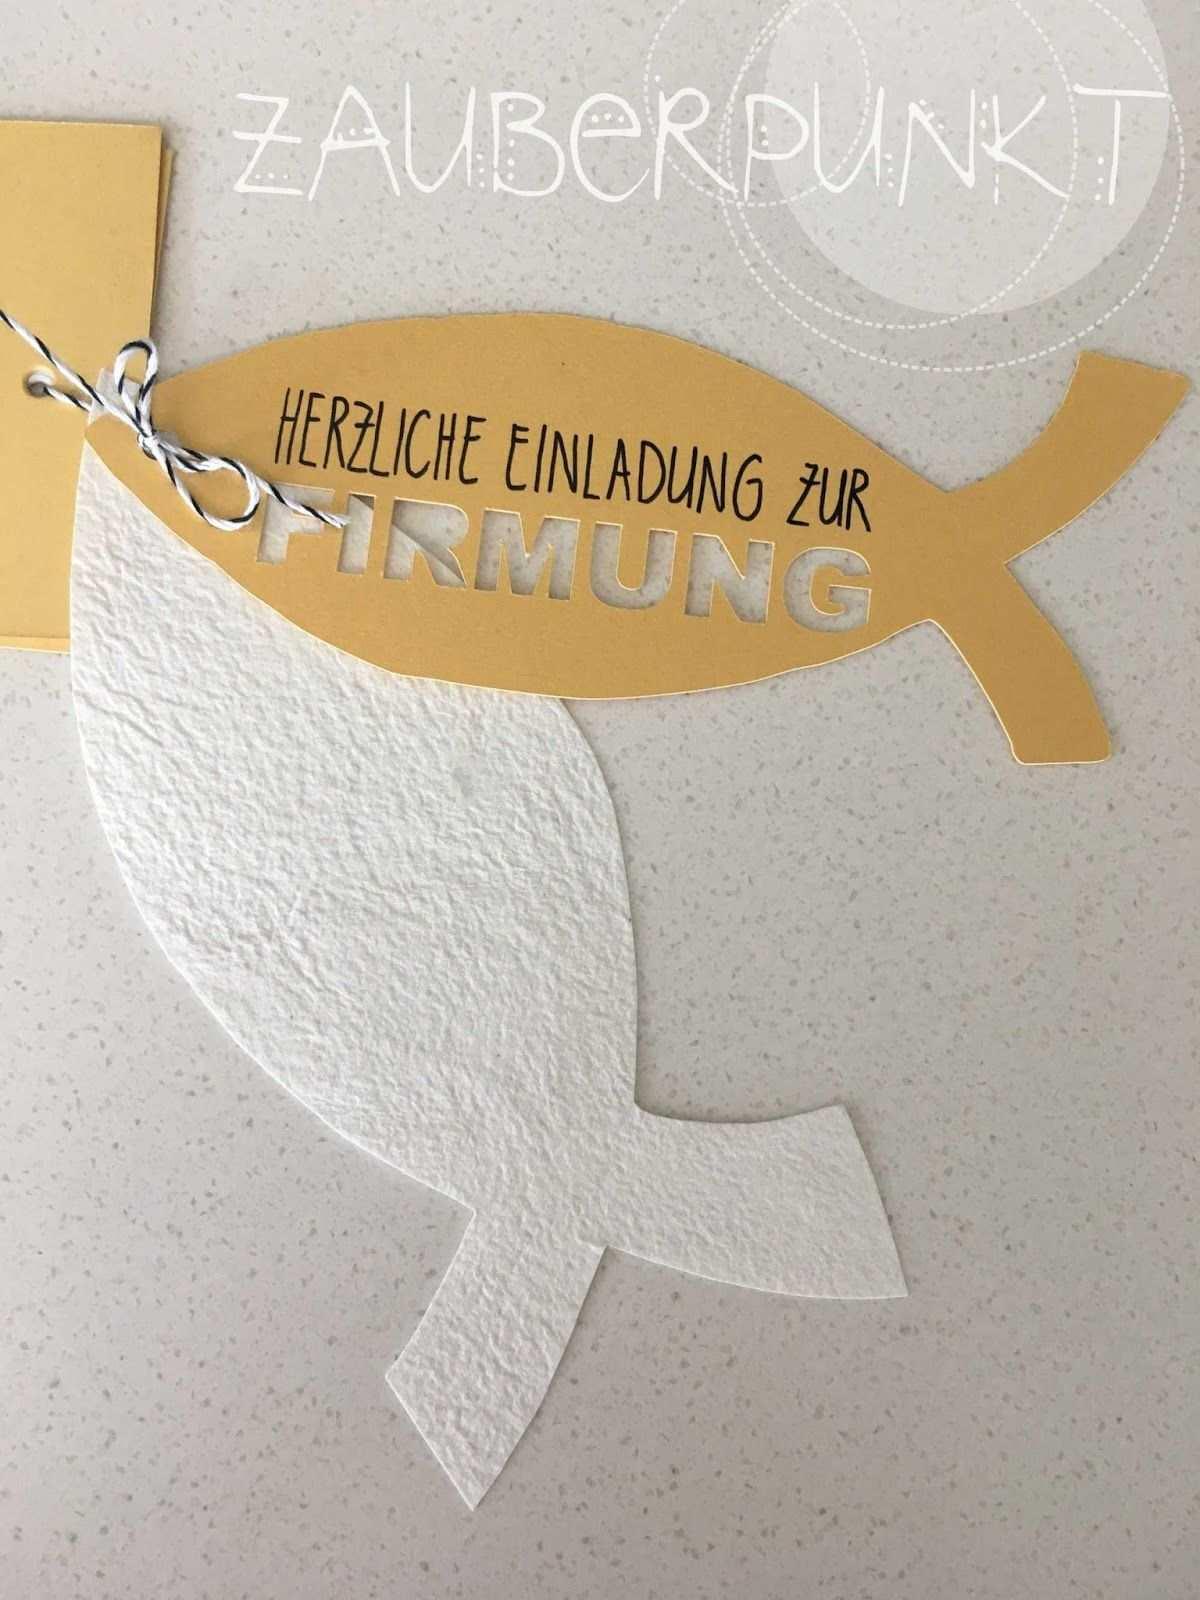 Einladungskarte Firmung Konfirmation Kommunion Selbstgemacht Plotter Einladungskarten Firmung Einladungen Firmung Firmung